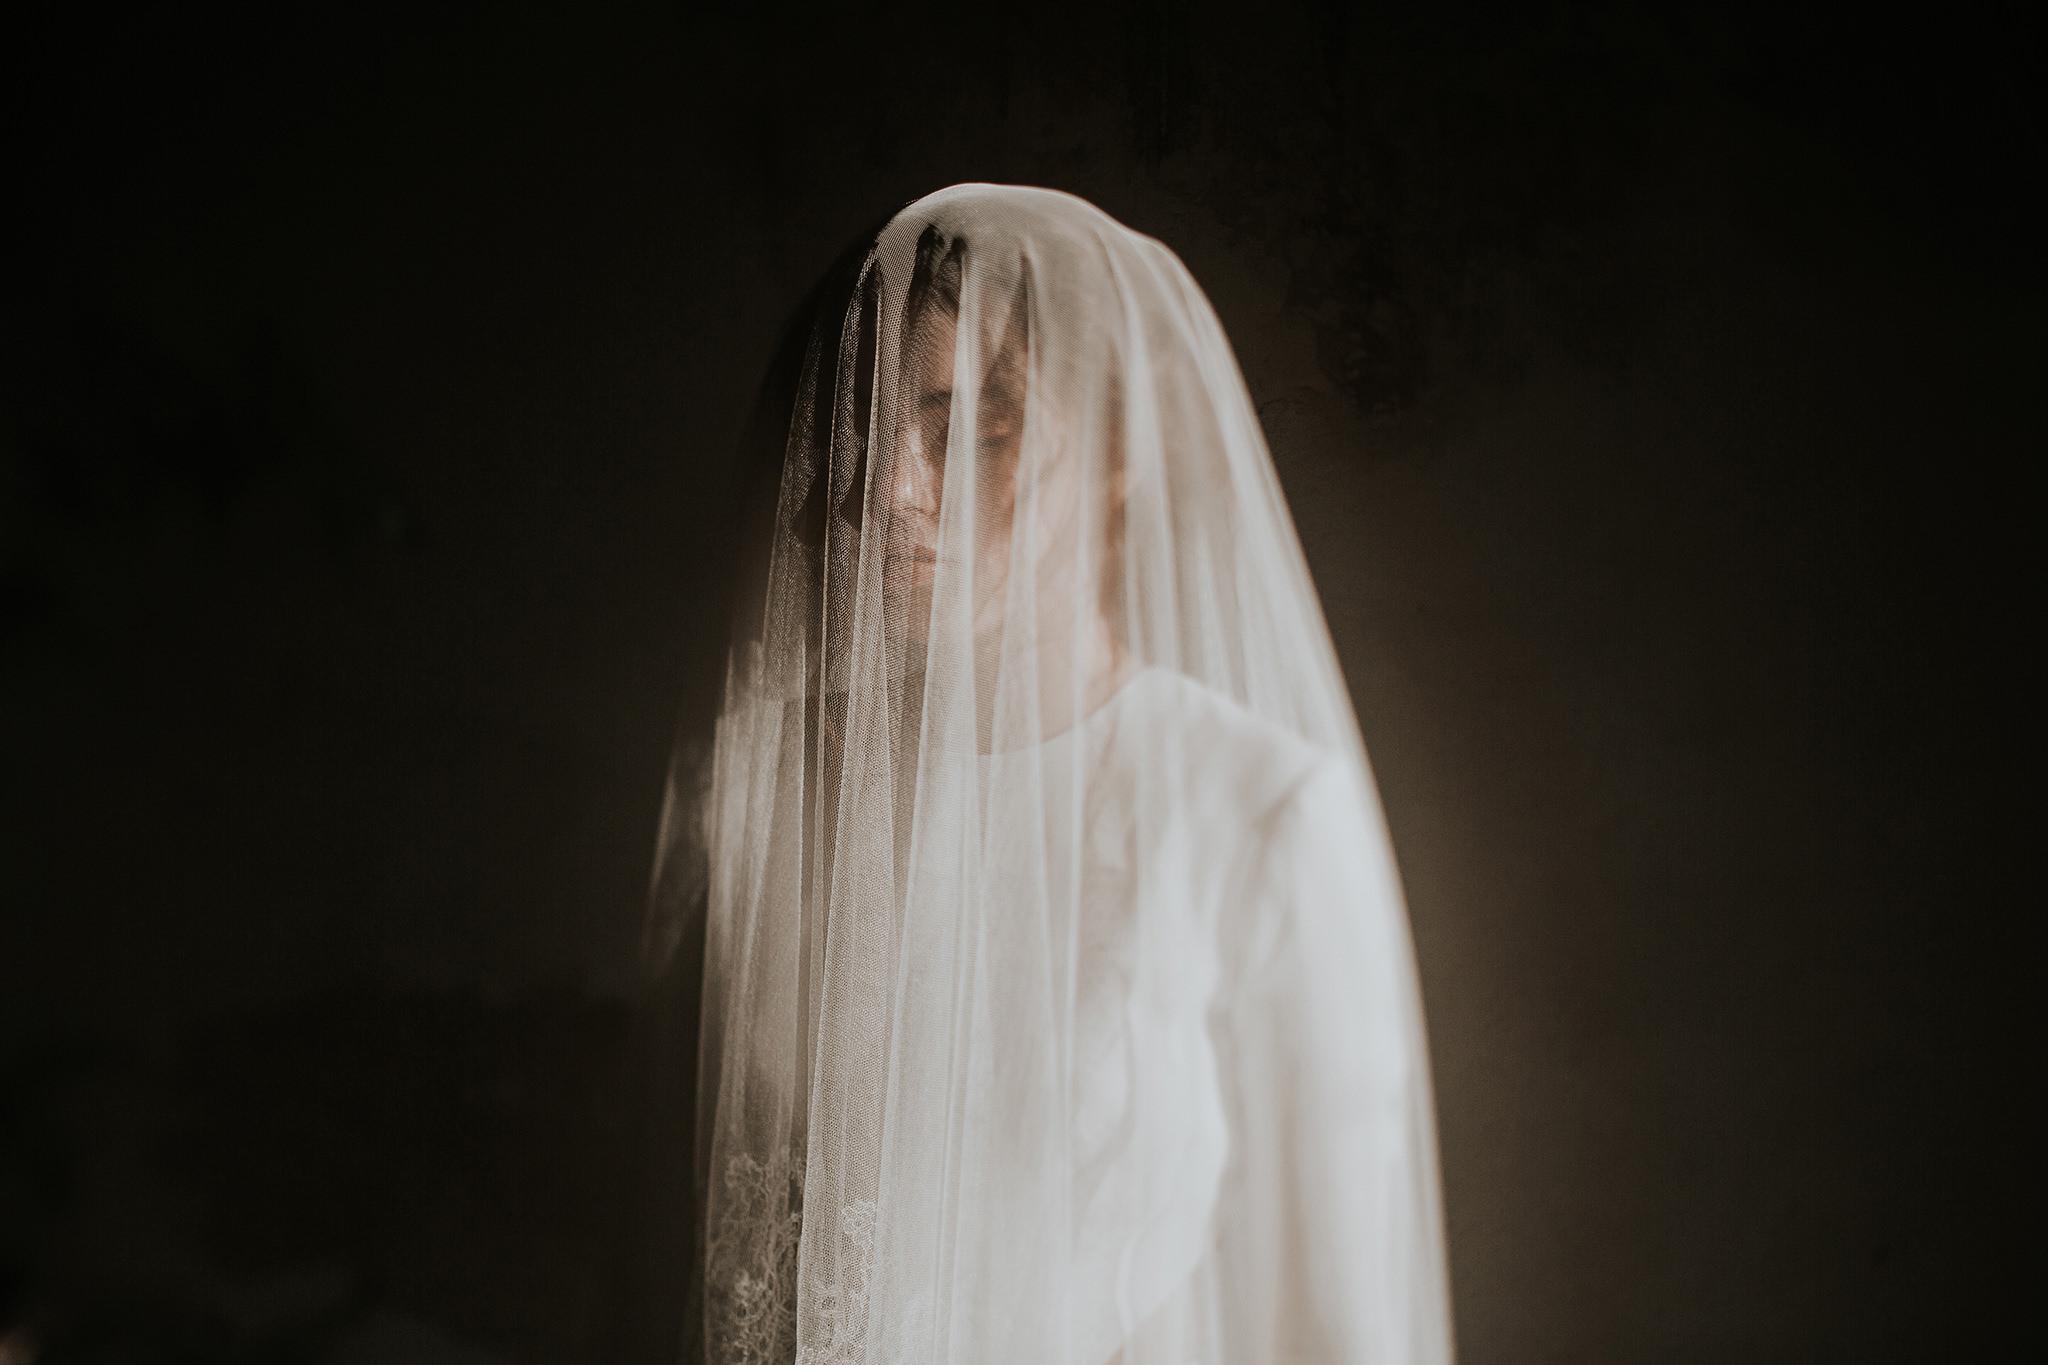 Pinewood Weddings - Photographe et vidéaste - La mariée aux pieds nus